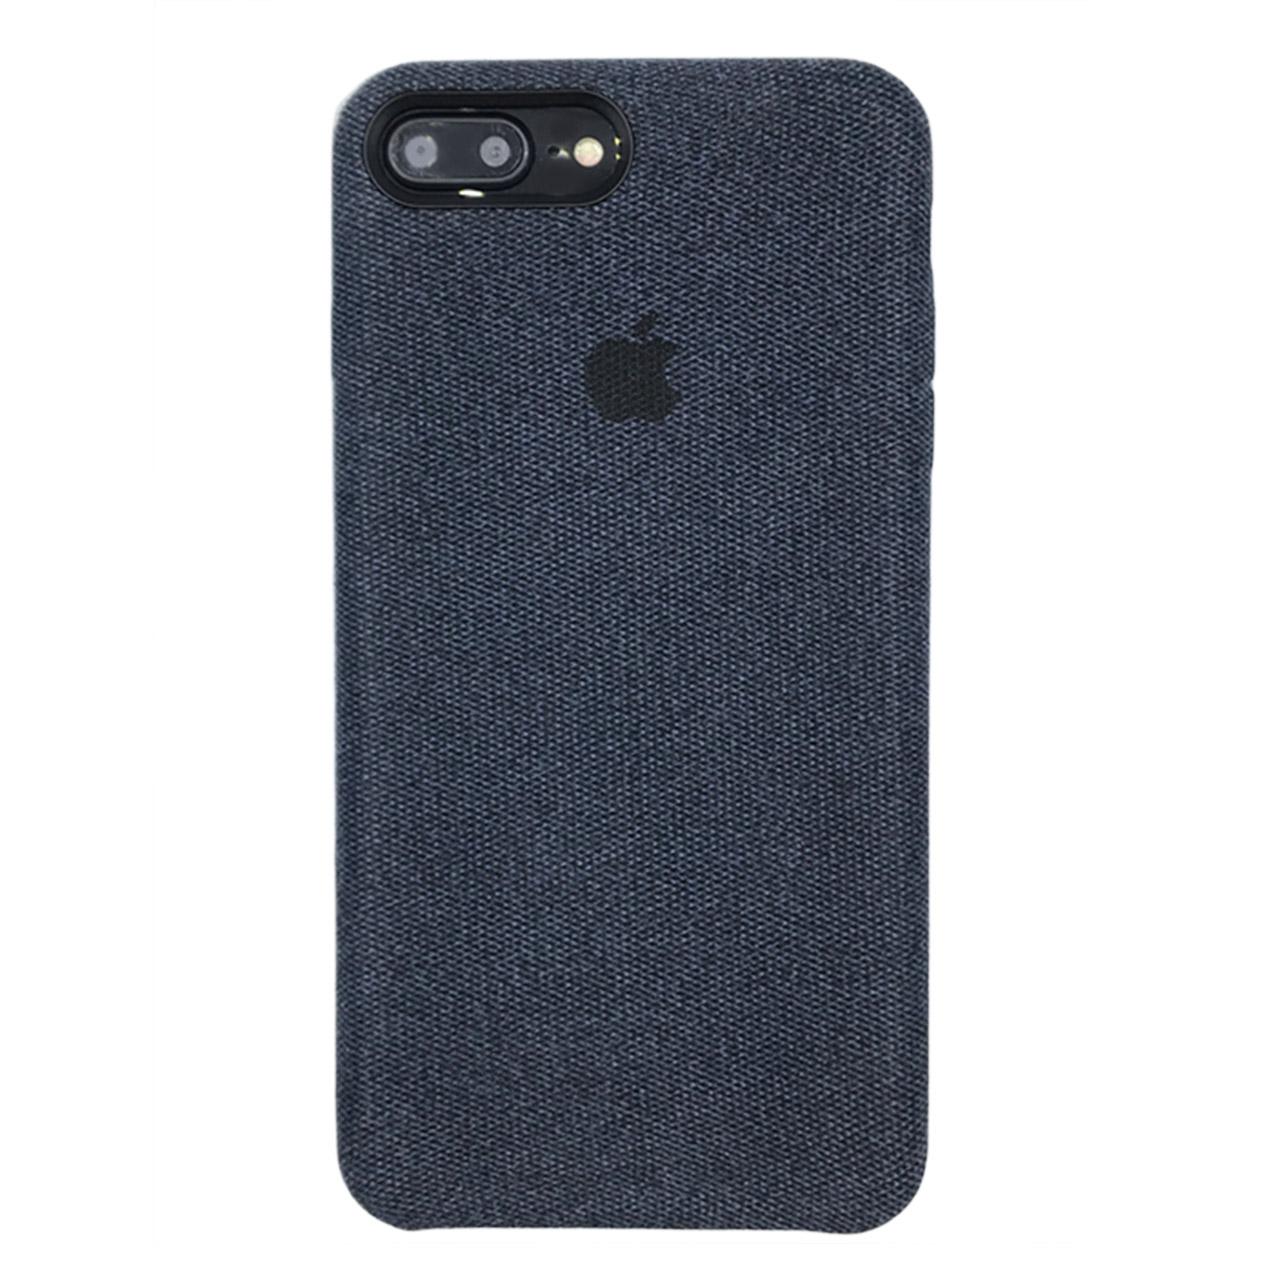 کاور مدل Hiha Canvas Pattem مناسب برای گوشی موبایل آیفون 7Plus/8Plus